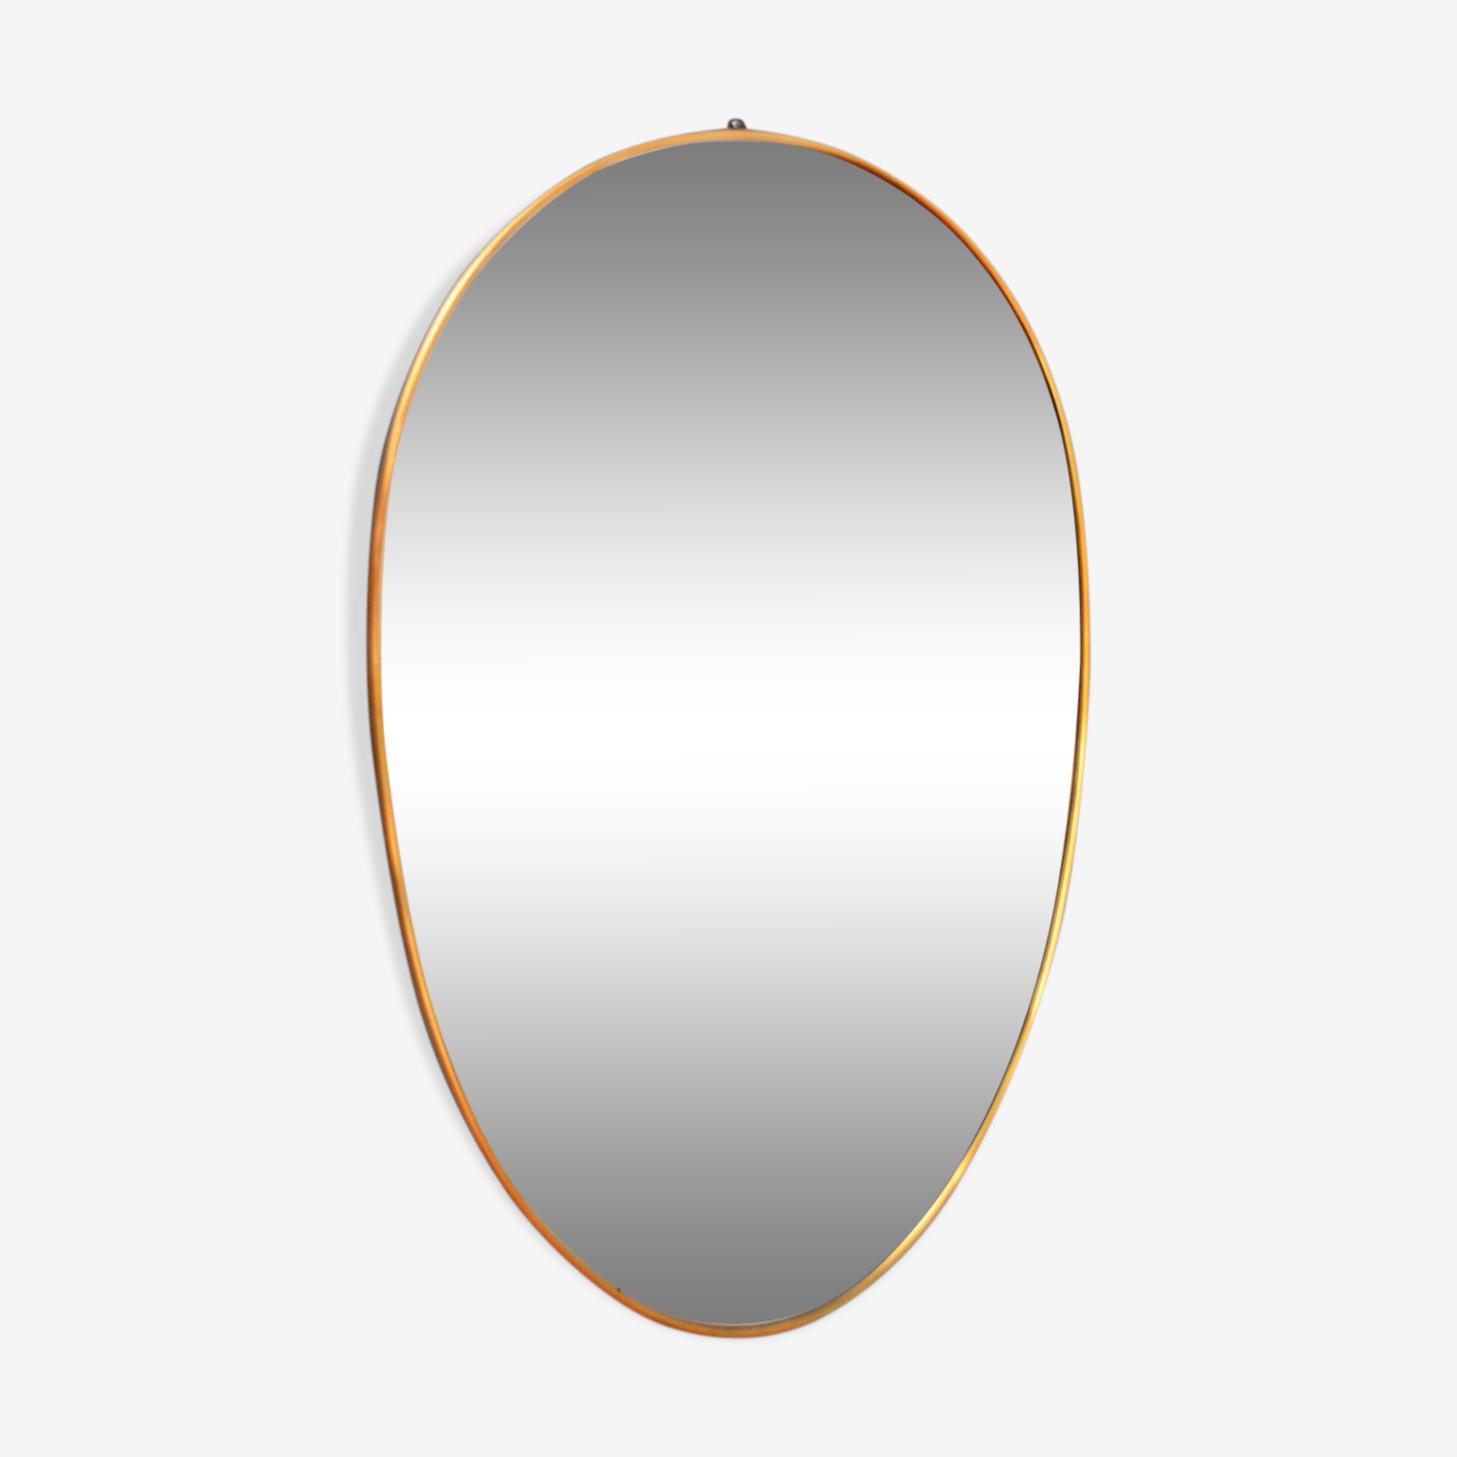 Miroir en laiton ovale années 1950  - 52x80cm